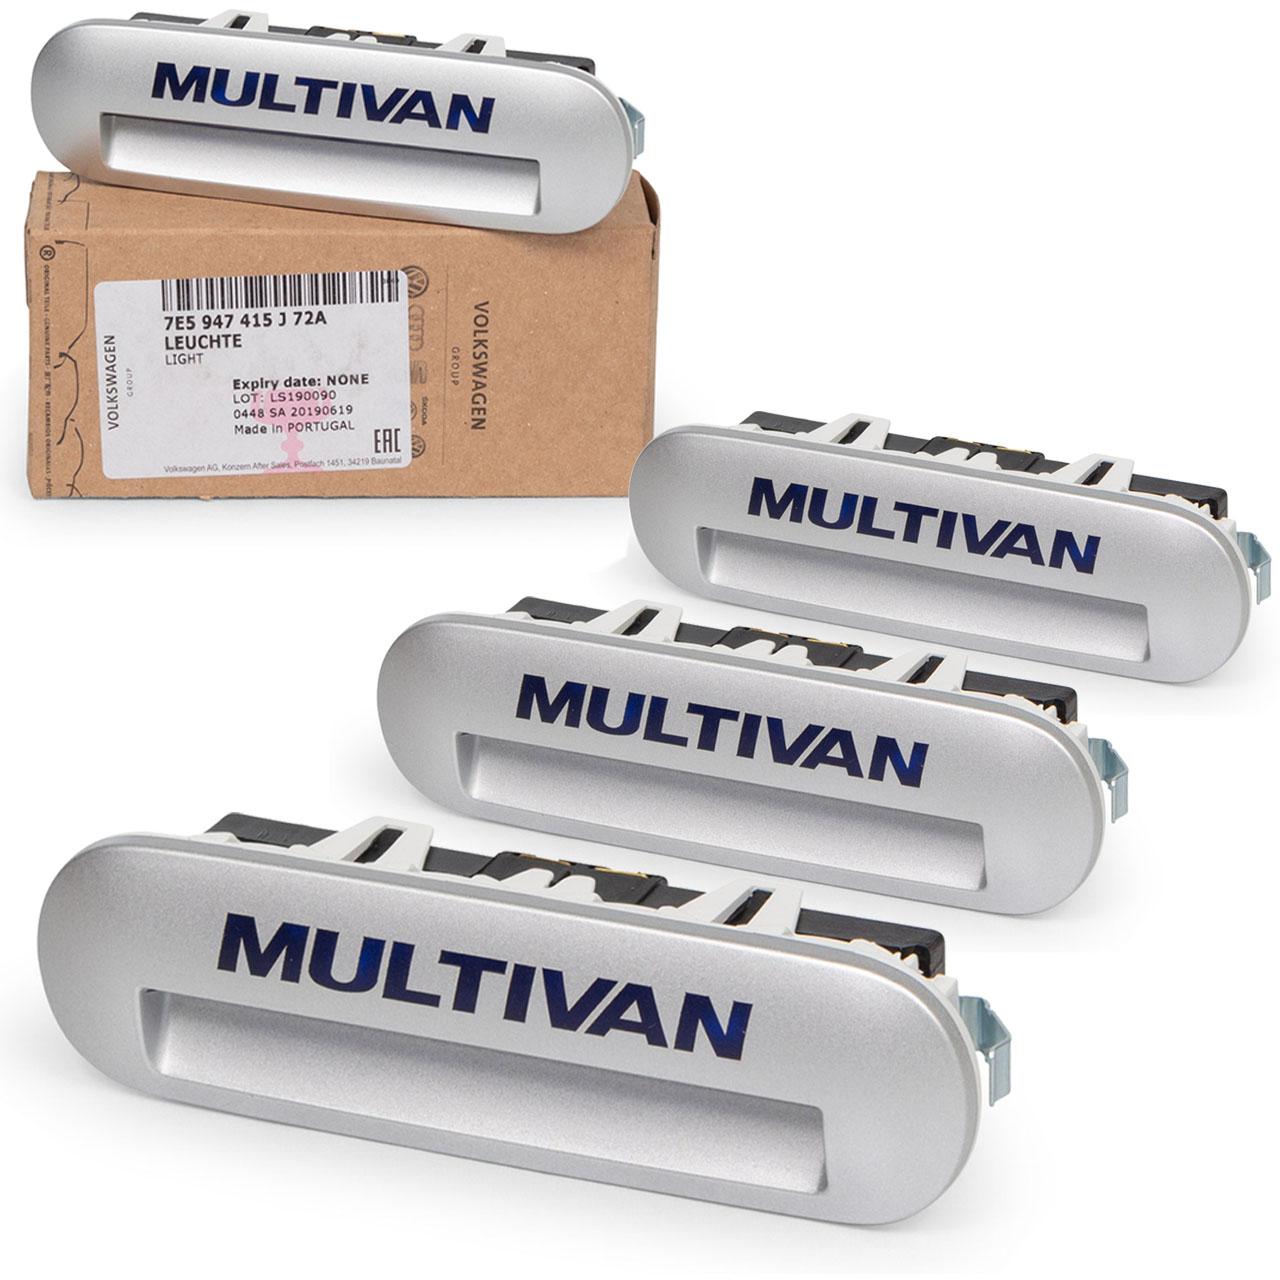 4x ORIGINAL VW Einstiegsbeleuchtung MULTIVAN TRANSPORTER T5 T6 7E5947415J72A